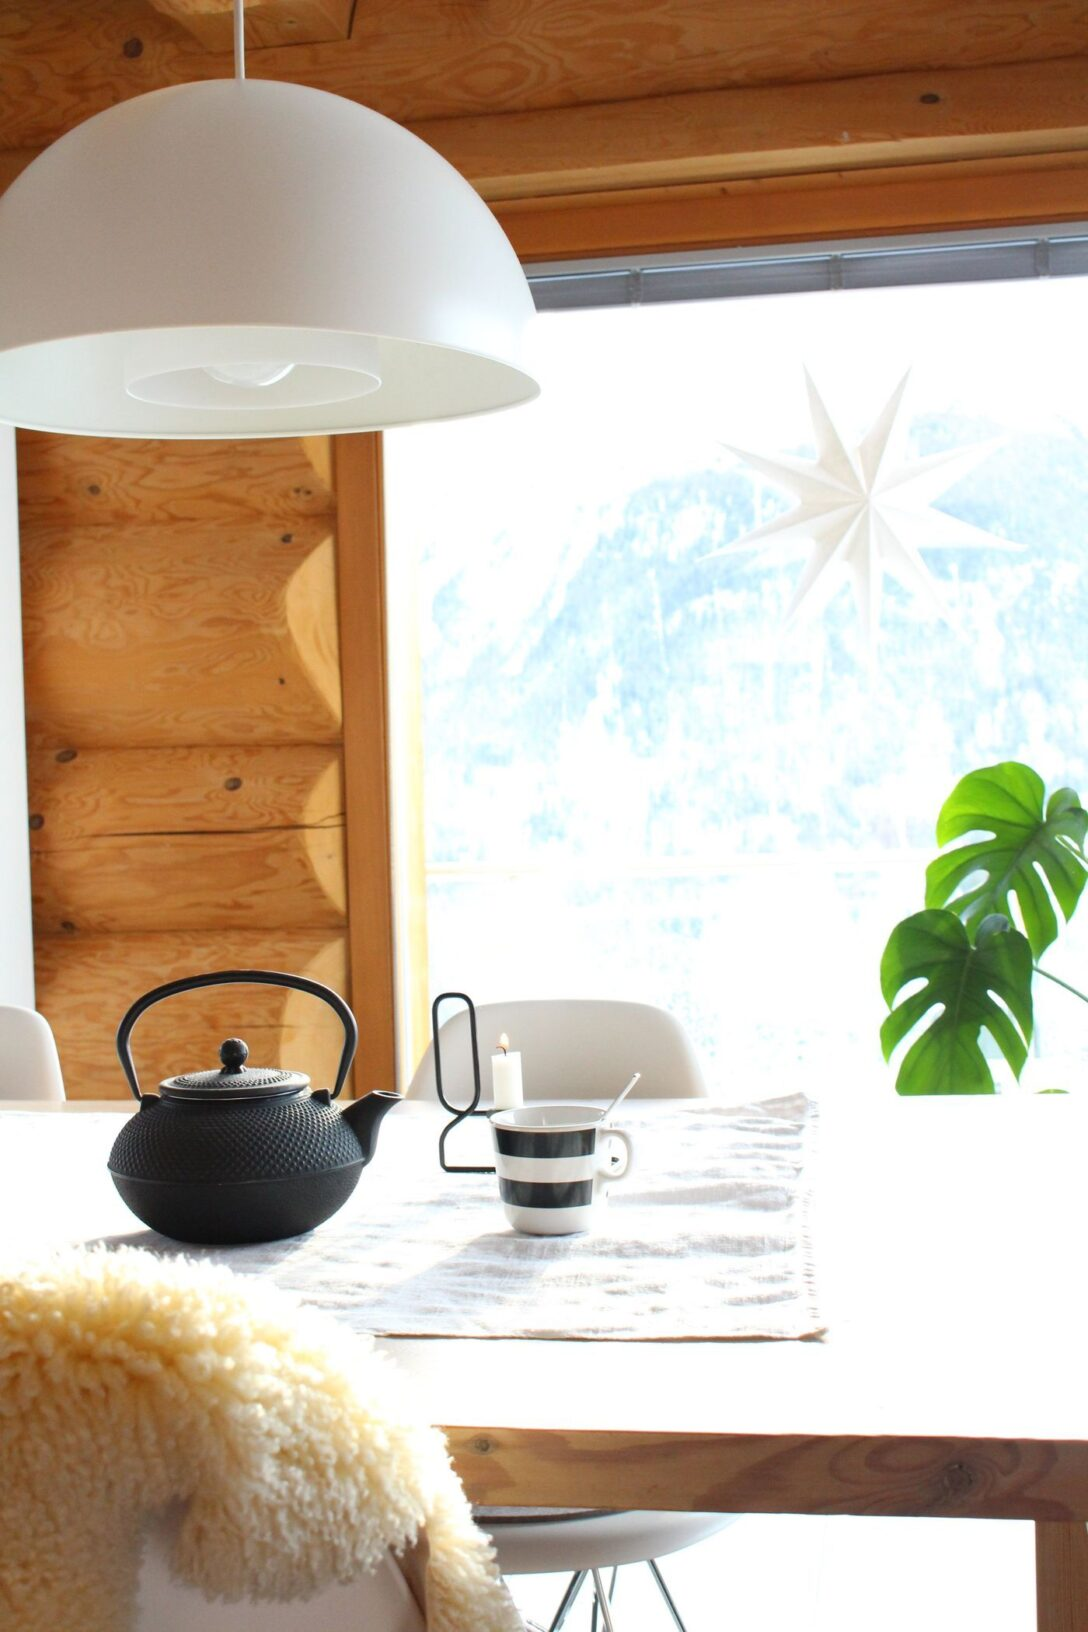 Large Size of Schnsten Ideen Mit Ikea Leuchten Küche Kosten Betten 160x200 Sofa Schlaffunktion Kaufen Modulküche Bei Miniküche Wohnzimmer Hängelampen Ikea